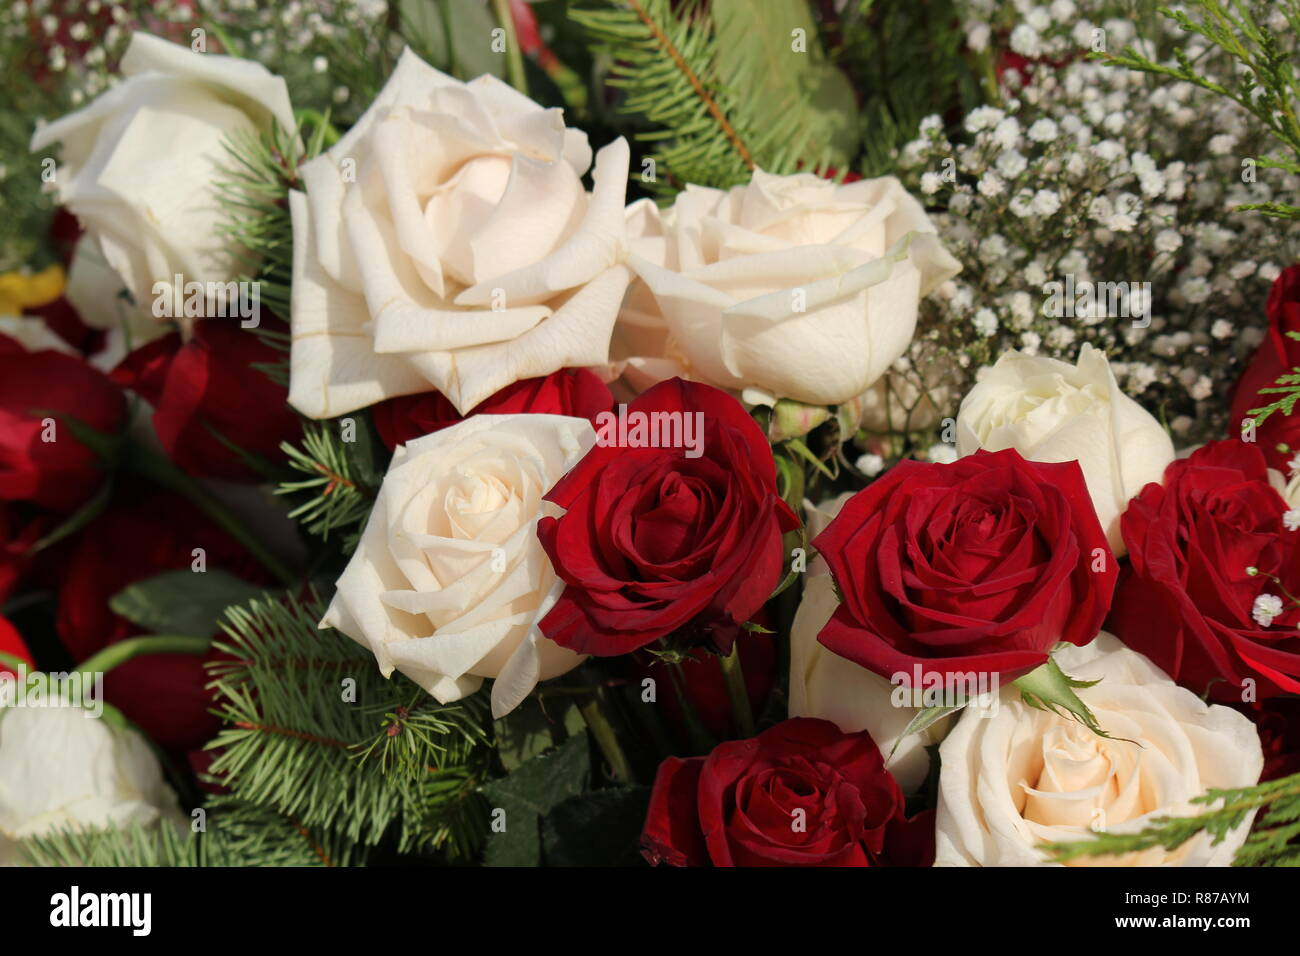 Bouquet De Hermosas Rosas Blancas Y Rojas Y Flores En El Santuario